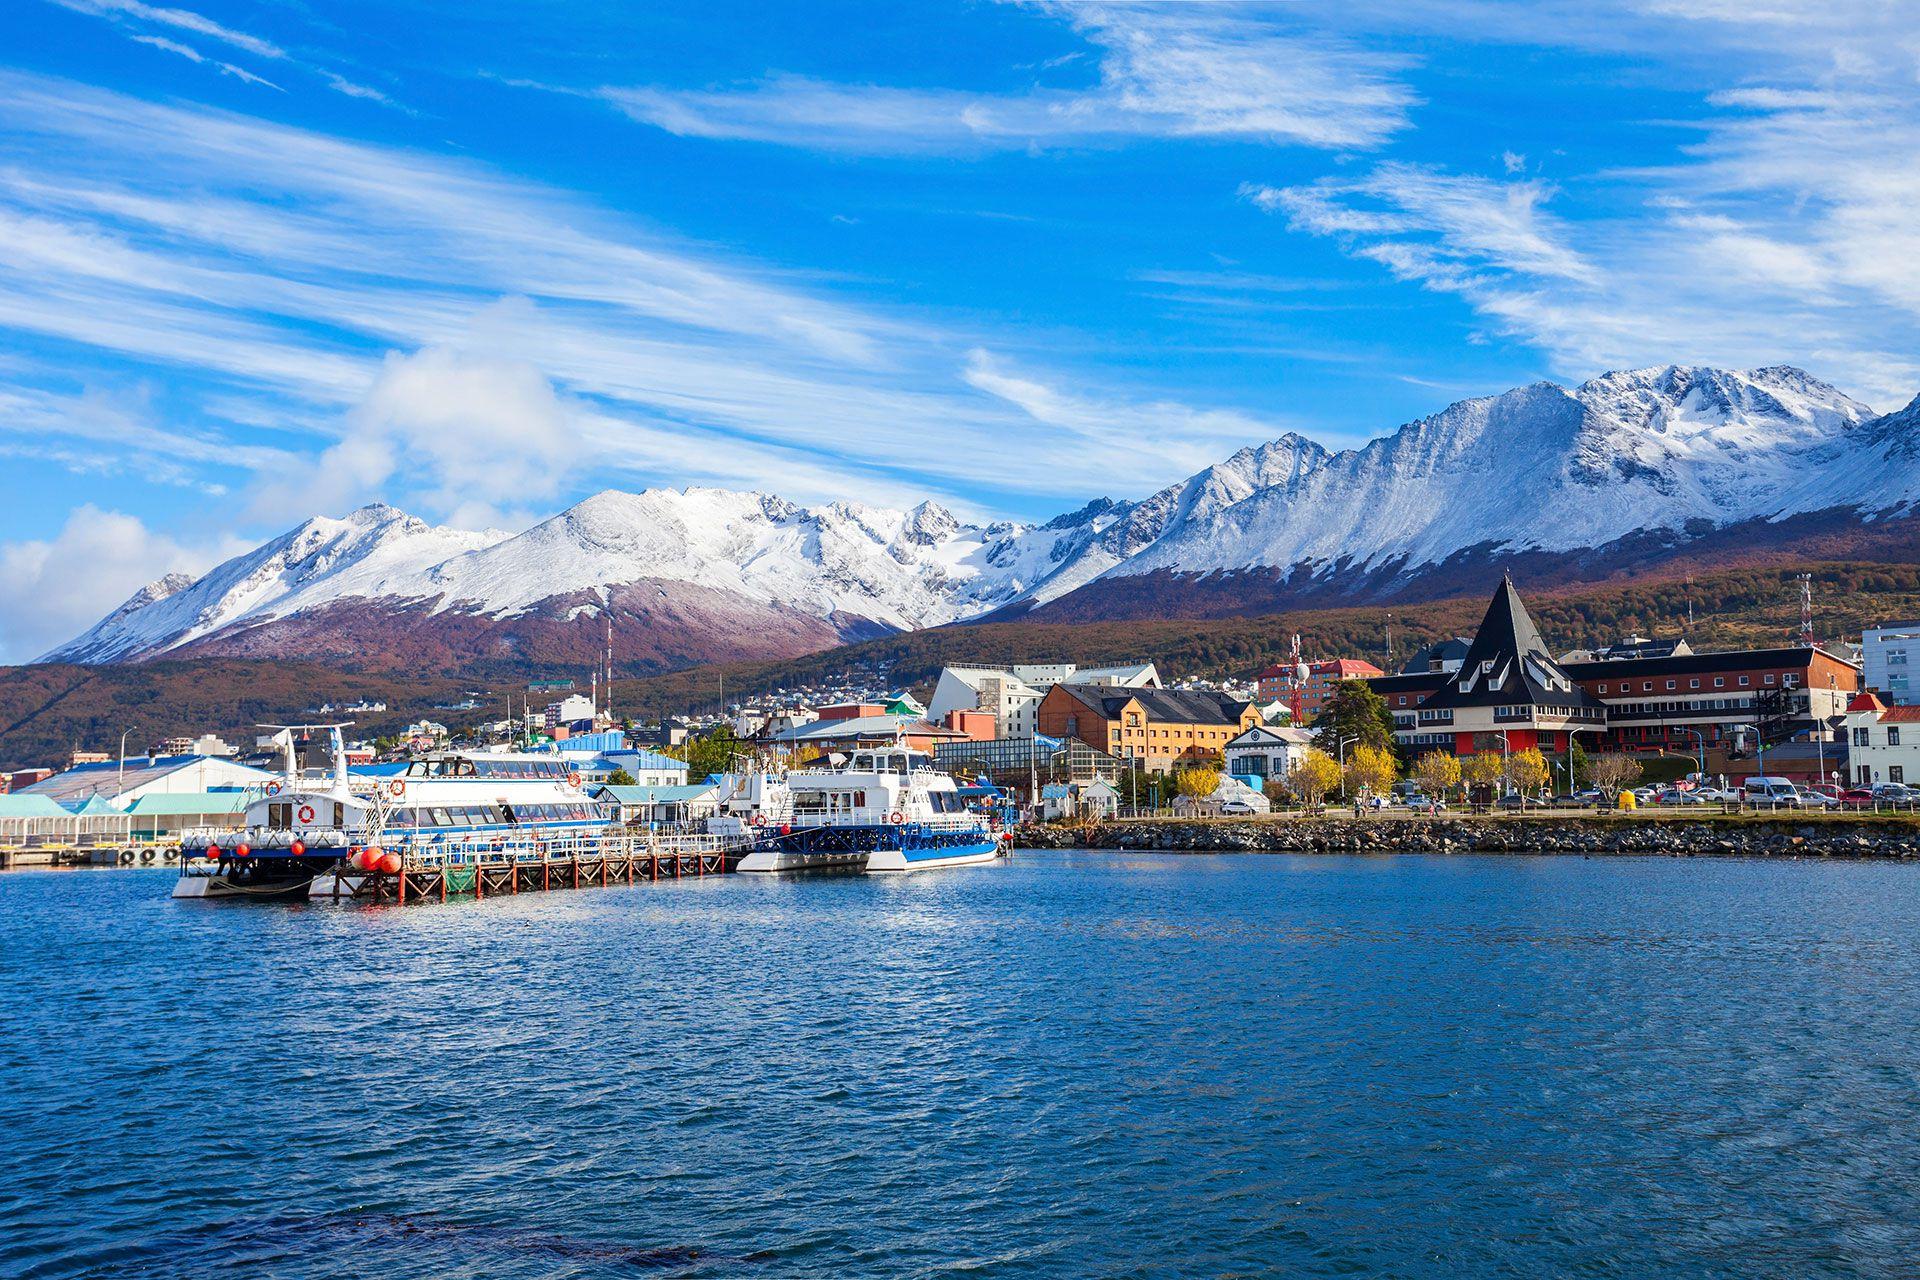 Ushuaia, un puerto ocupado y un centro de aventura, es una franja de calles empinadas y edificios desordenados (Shutterstock)